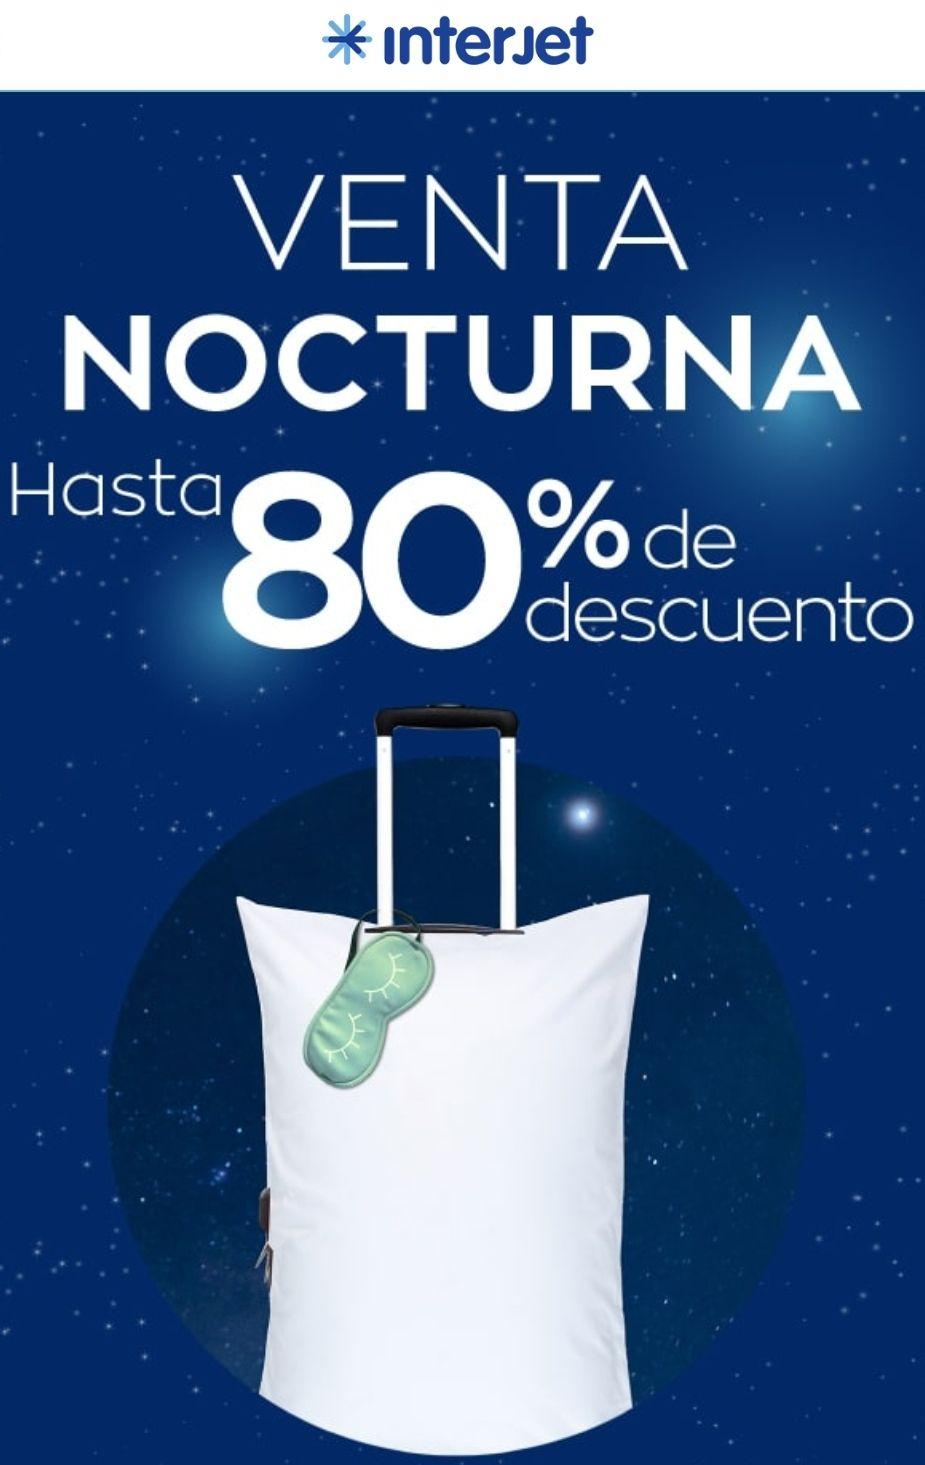 Interjet: Venta nocturna con hasta 80% de descuento (viajes desde hoy hasta el 30 de septiembre de 2020)